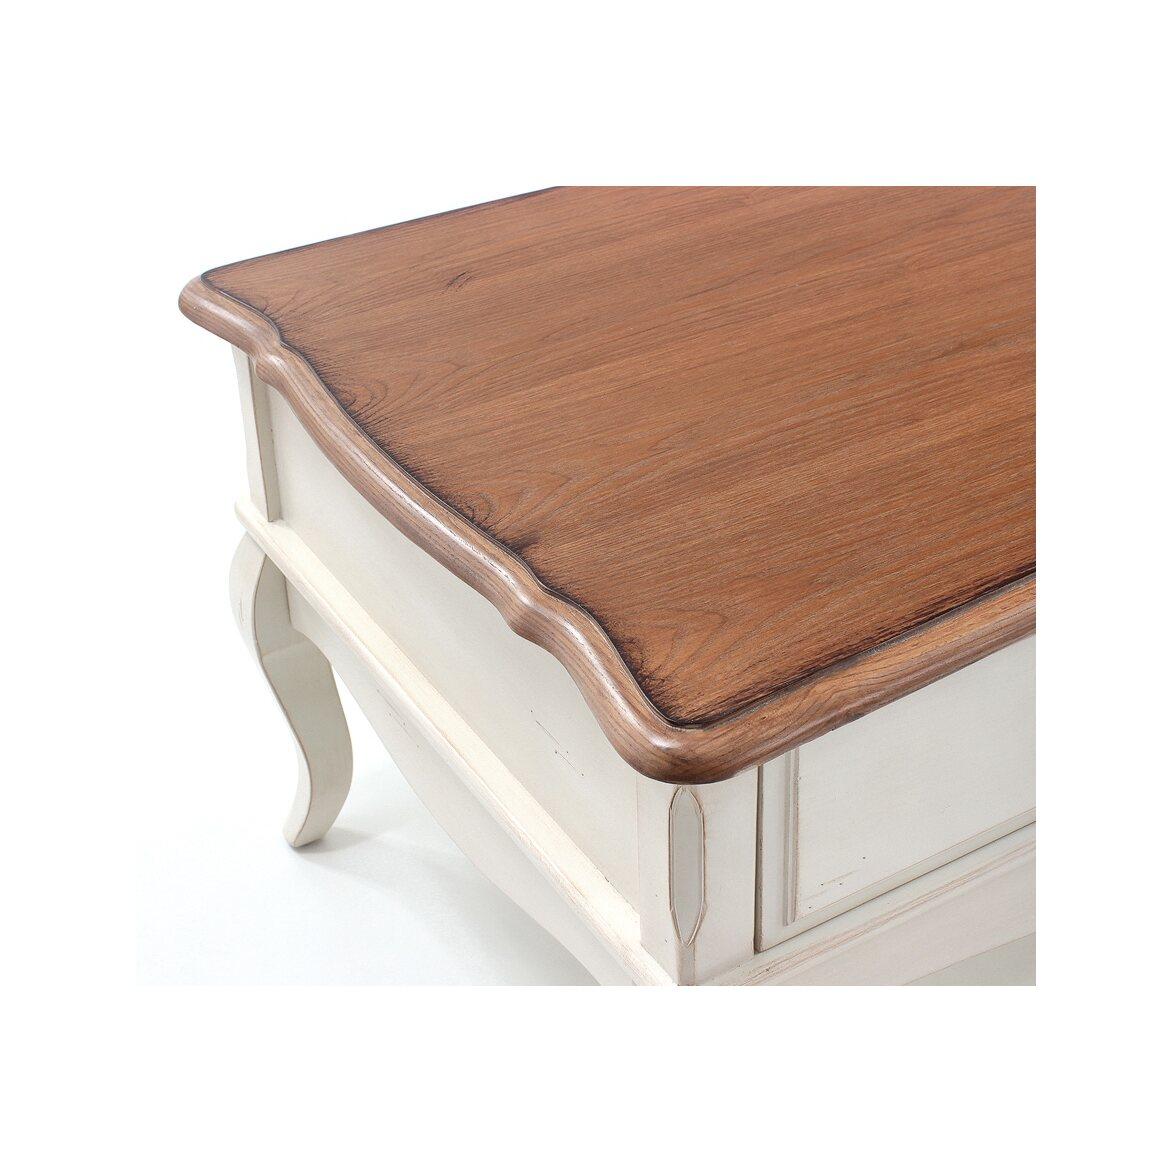 Чайный столик с 2-мя ящиками Leontina, бежевого цвета 6 | Журнальные столики Kingsby